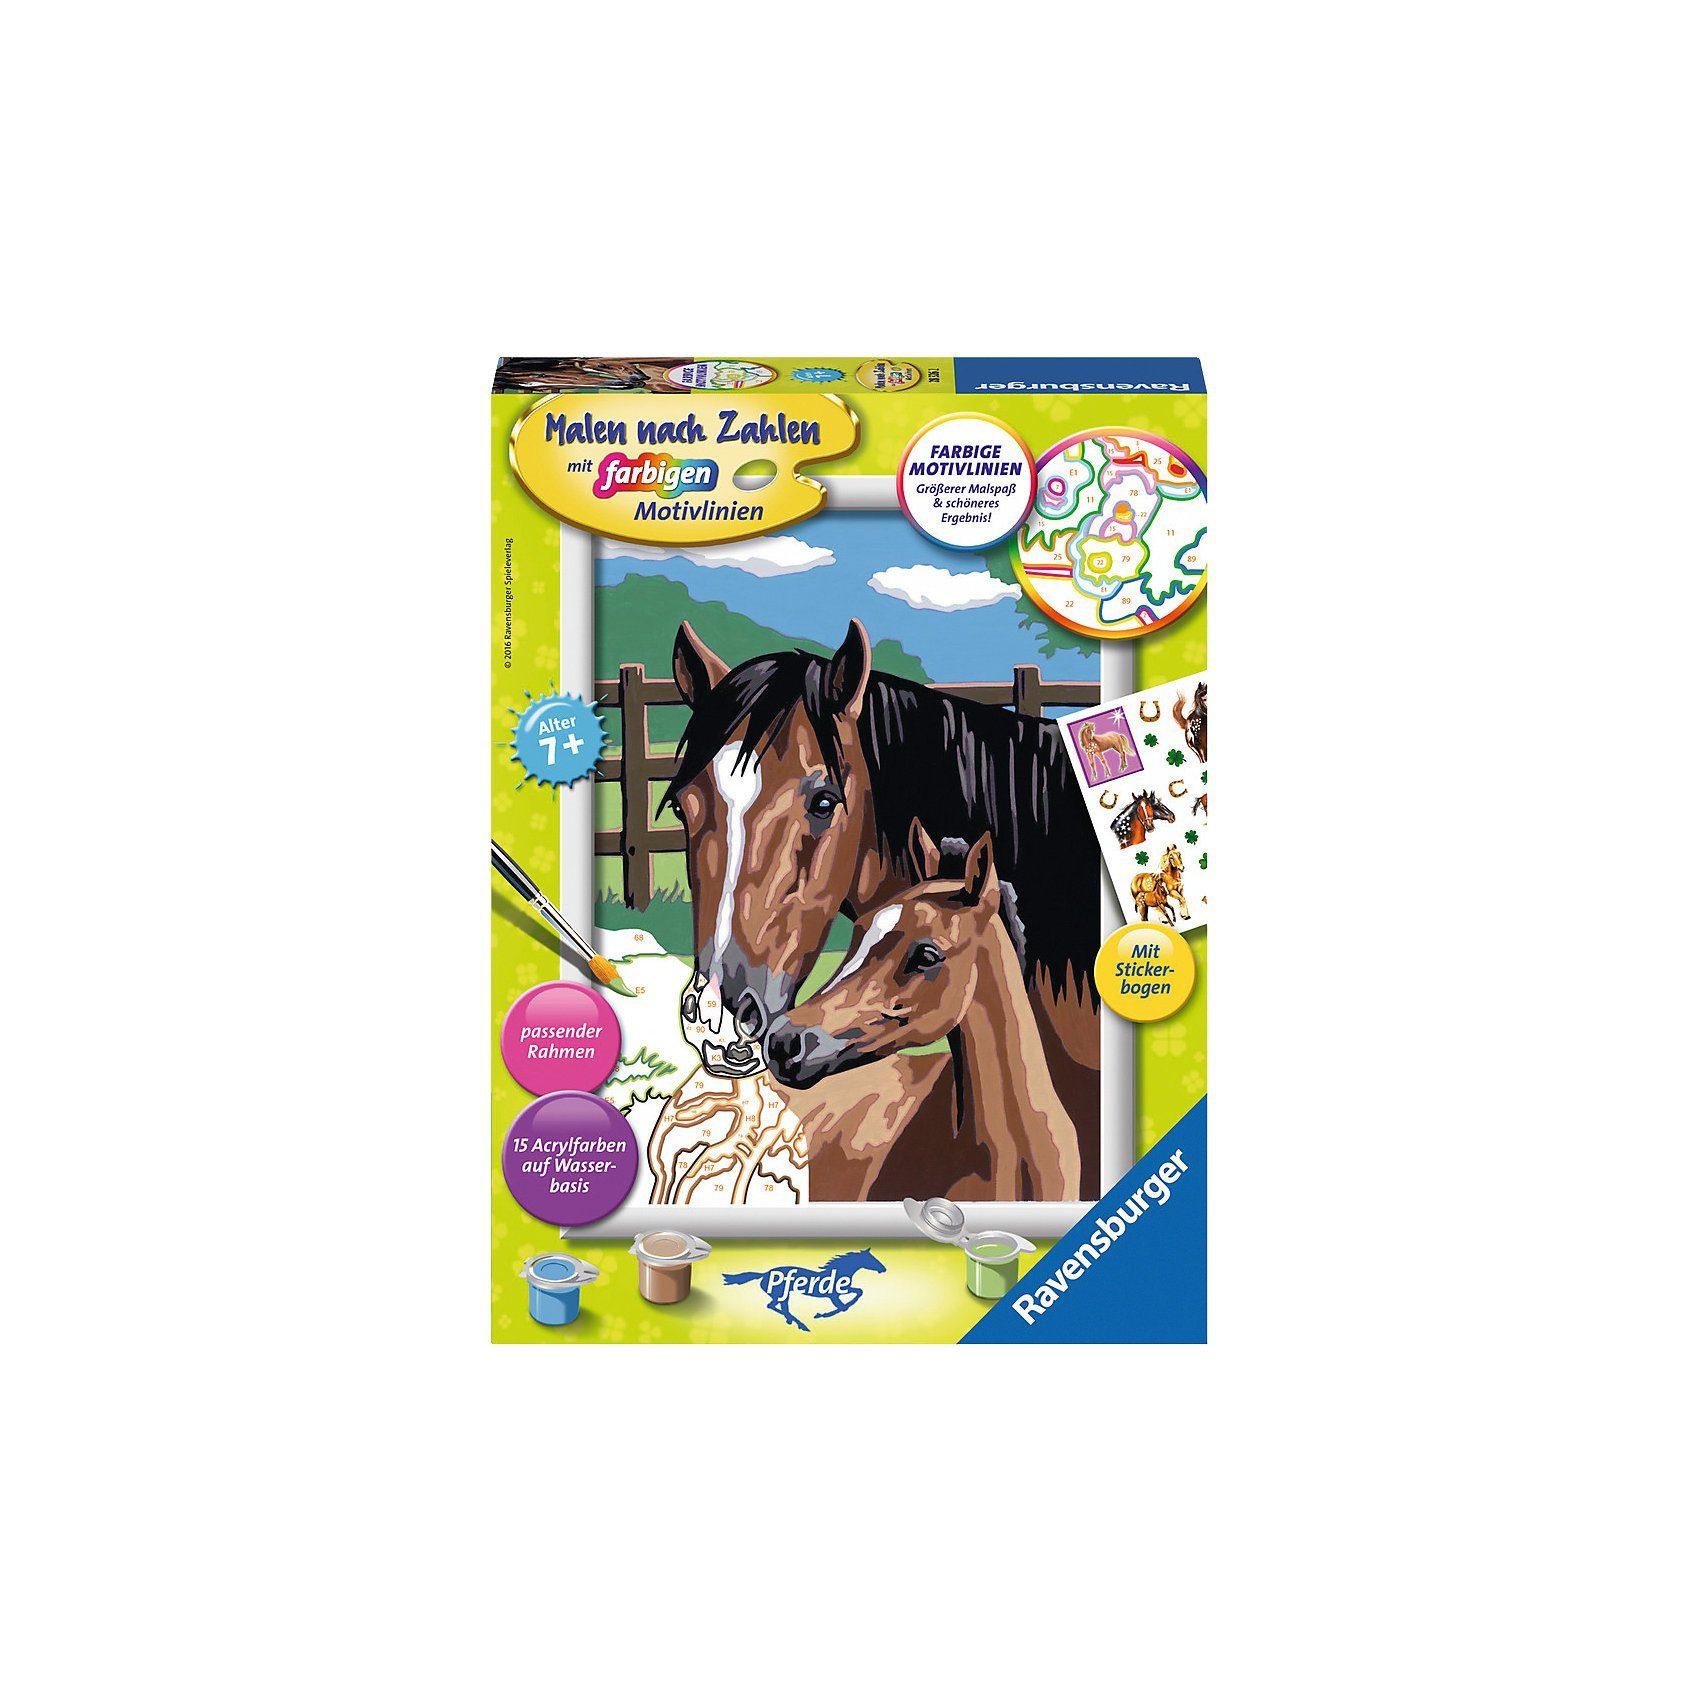 Ravensburger Malen nach Zahlen Classic Serie Pferde Pferd mit Fohlen + St